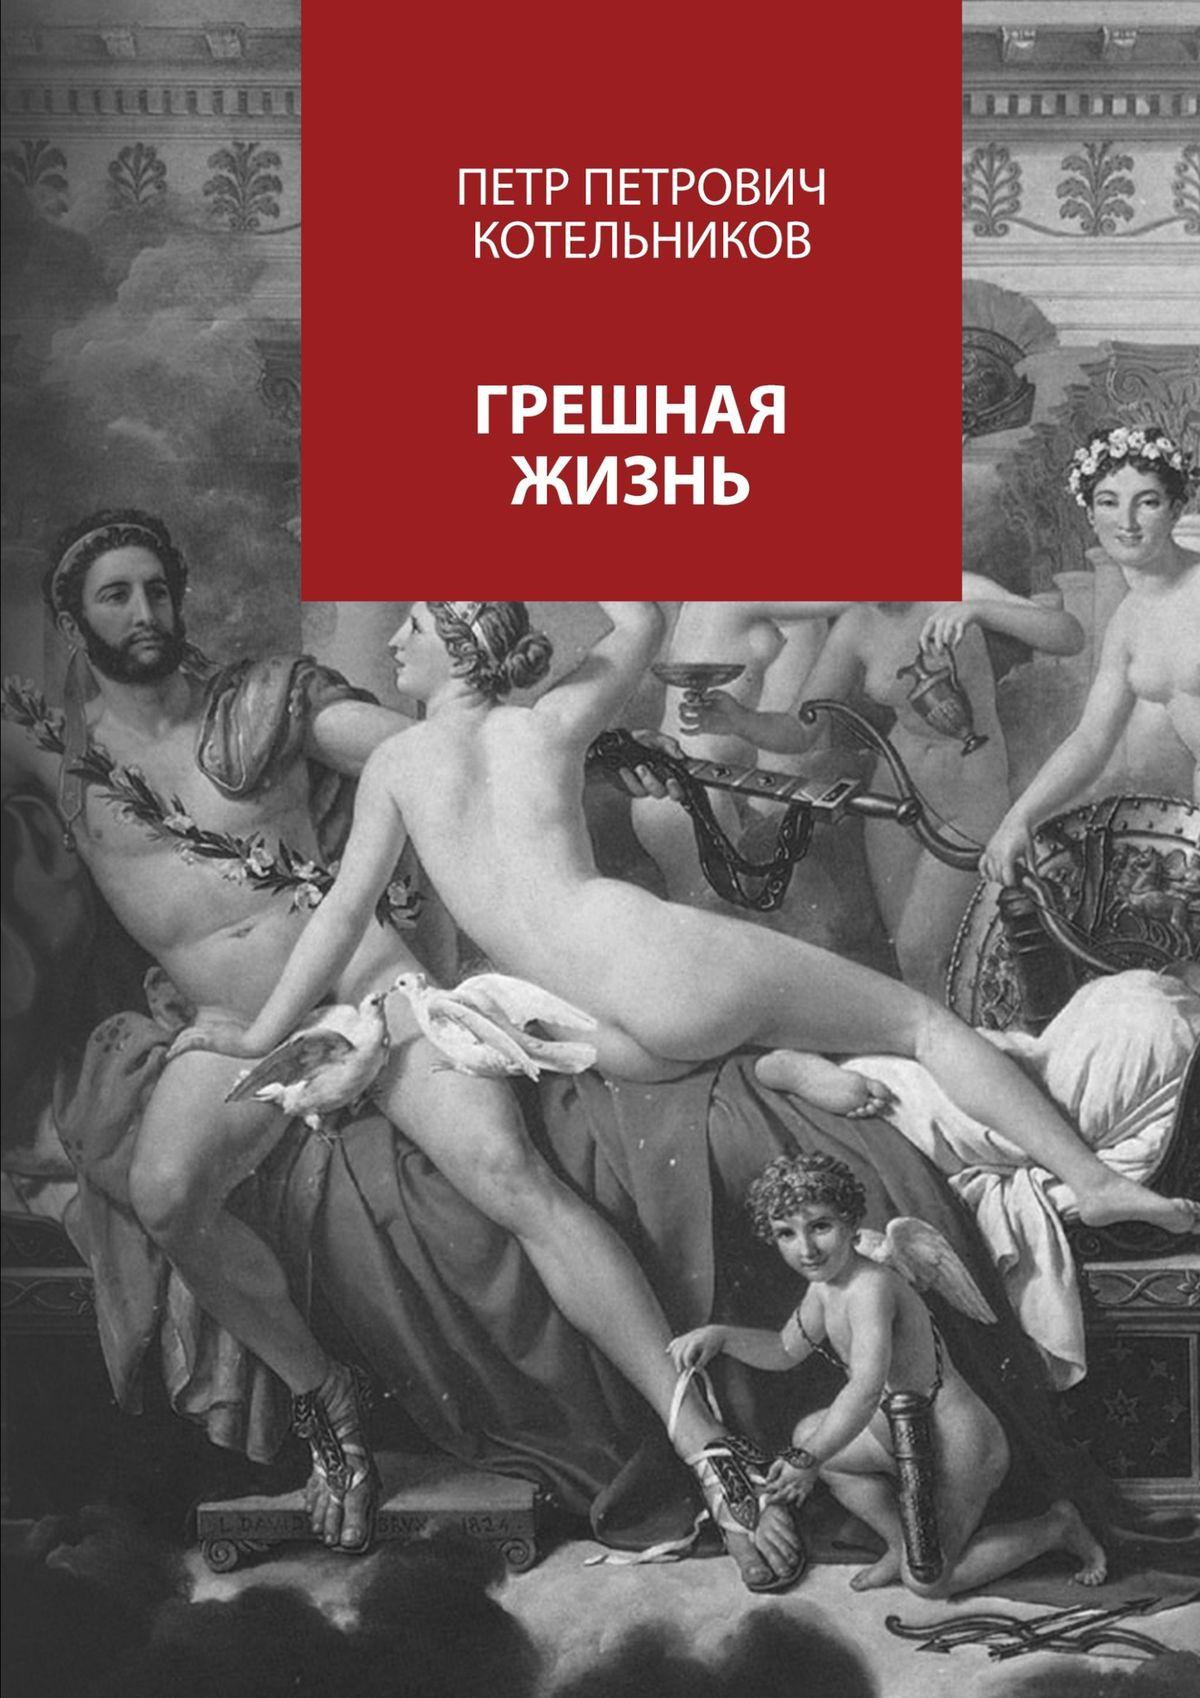 Петр Петрович Котельников Грешная жизнь петр петрович котельников полна чарующей красы